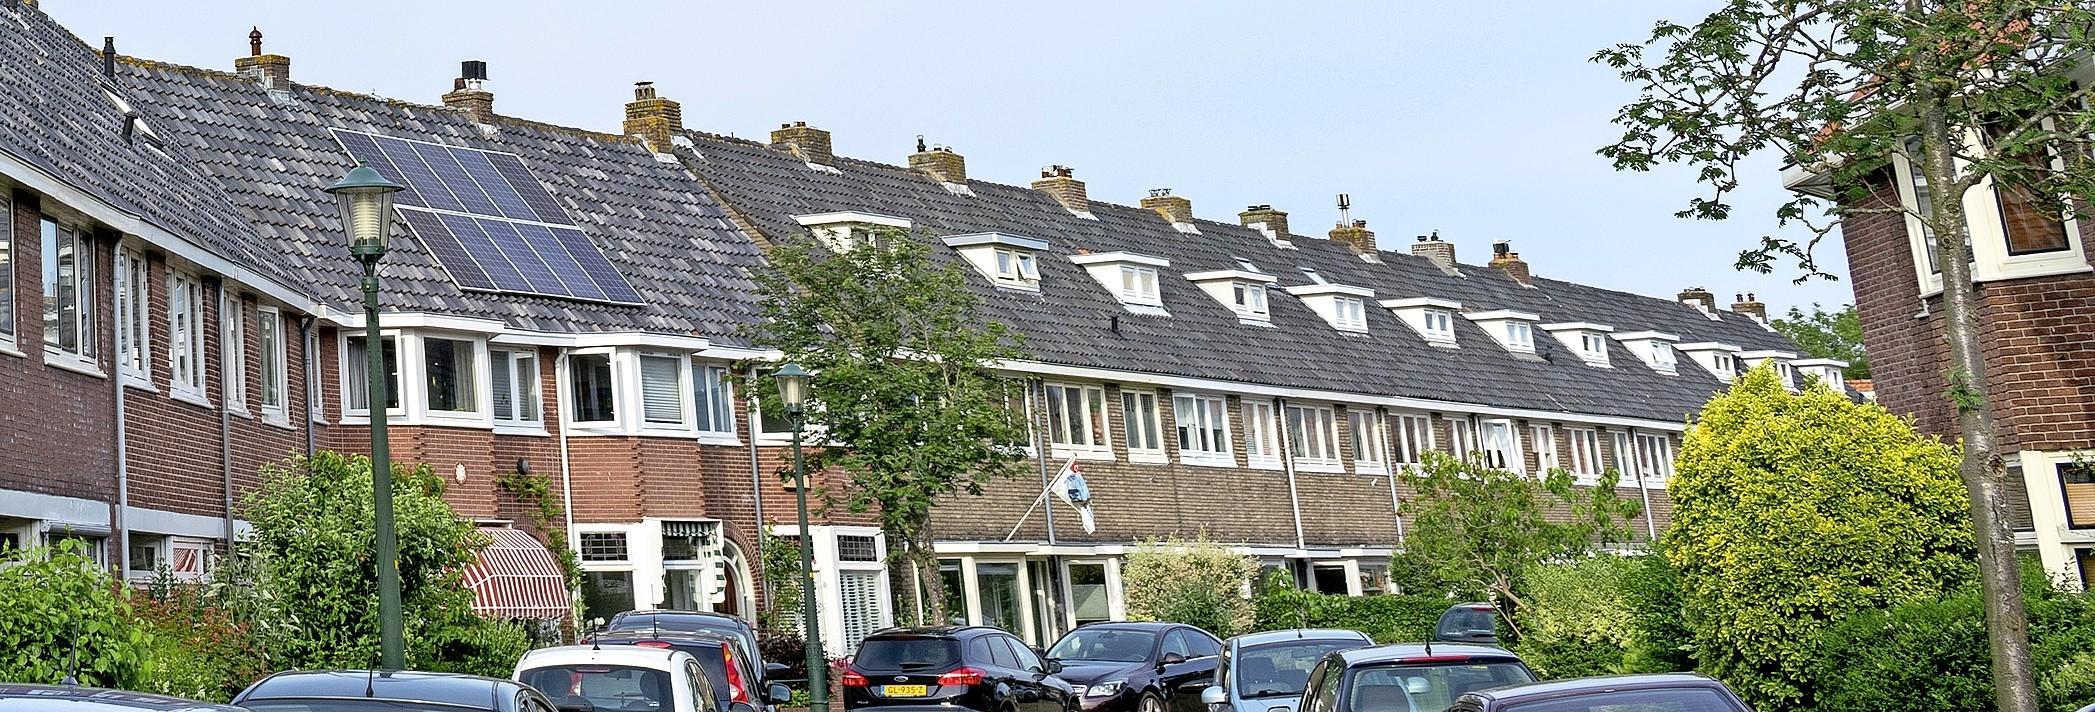 Te koop: geroofd joods vastgoed in de regio Alkmaar. Notarissen en makelaars werden stinkend rijk van smerige handel die keurig in de boeken werd bijgehouden